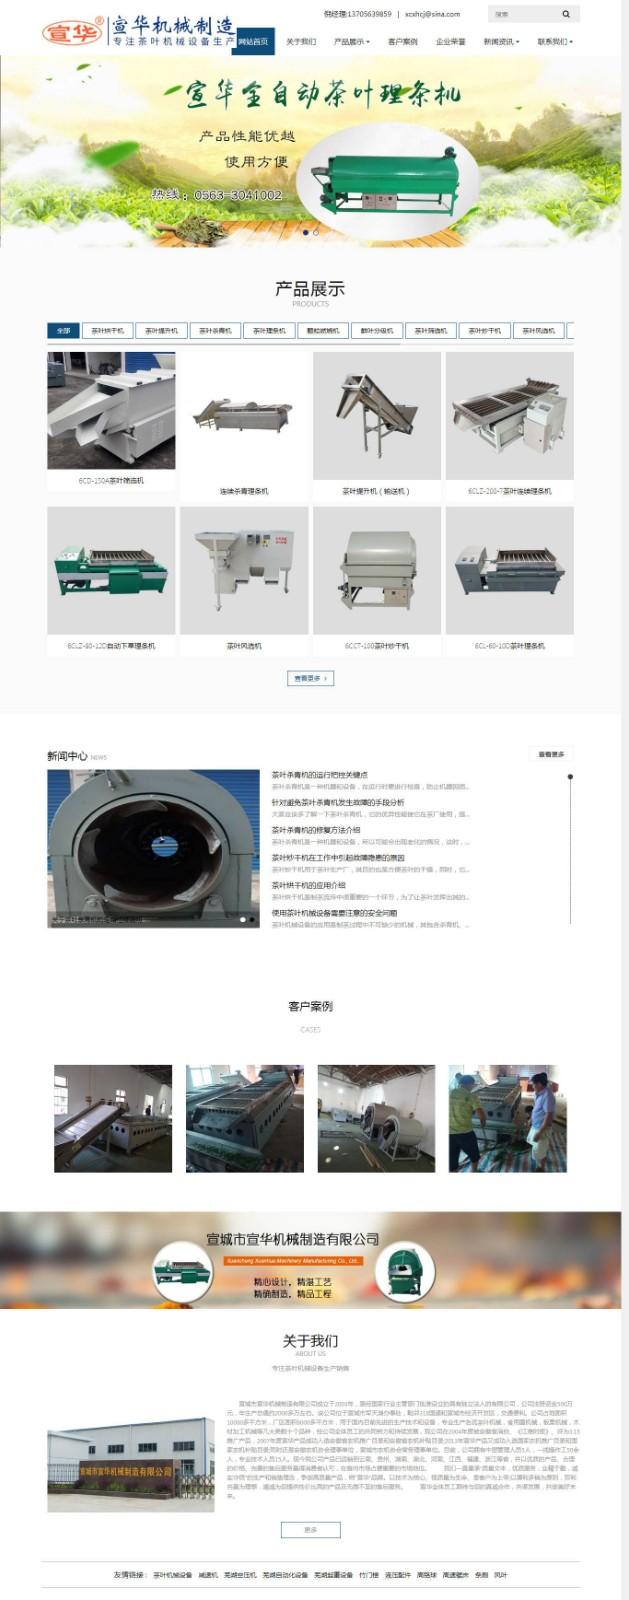 茶叶机械设备网络推广